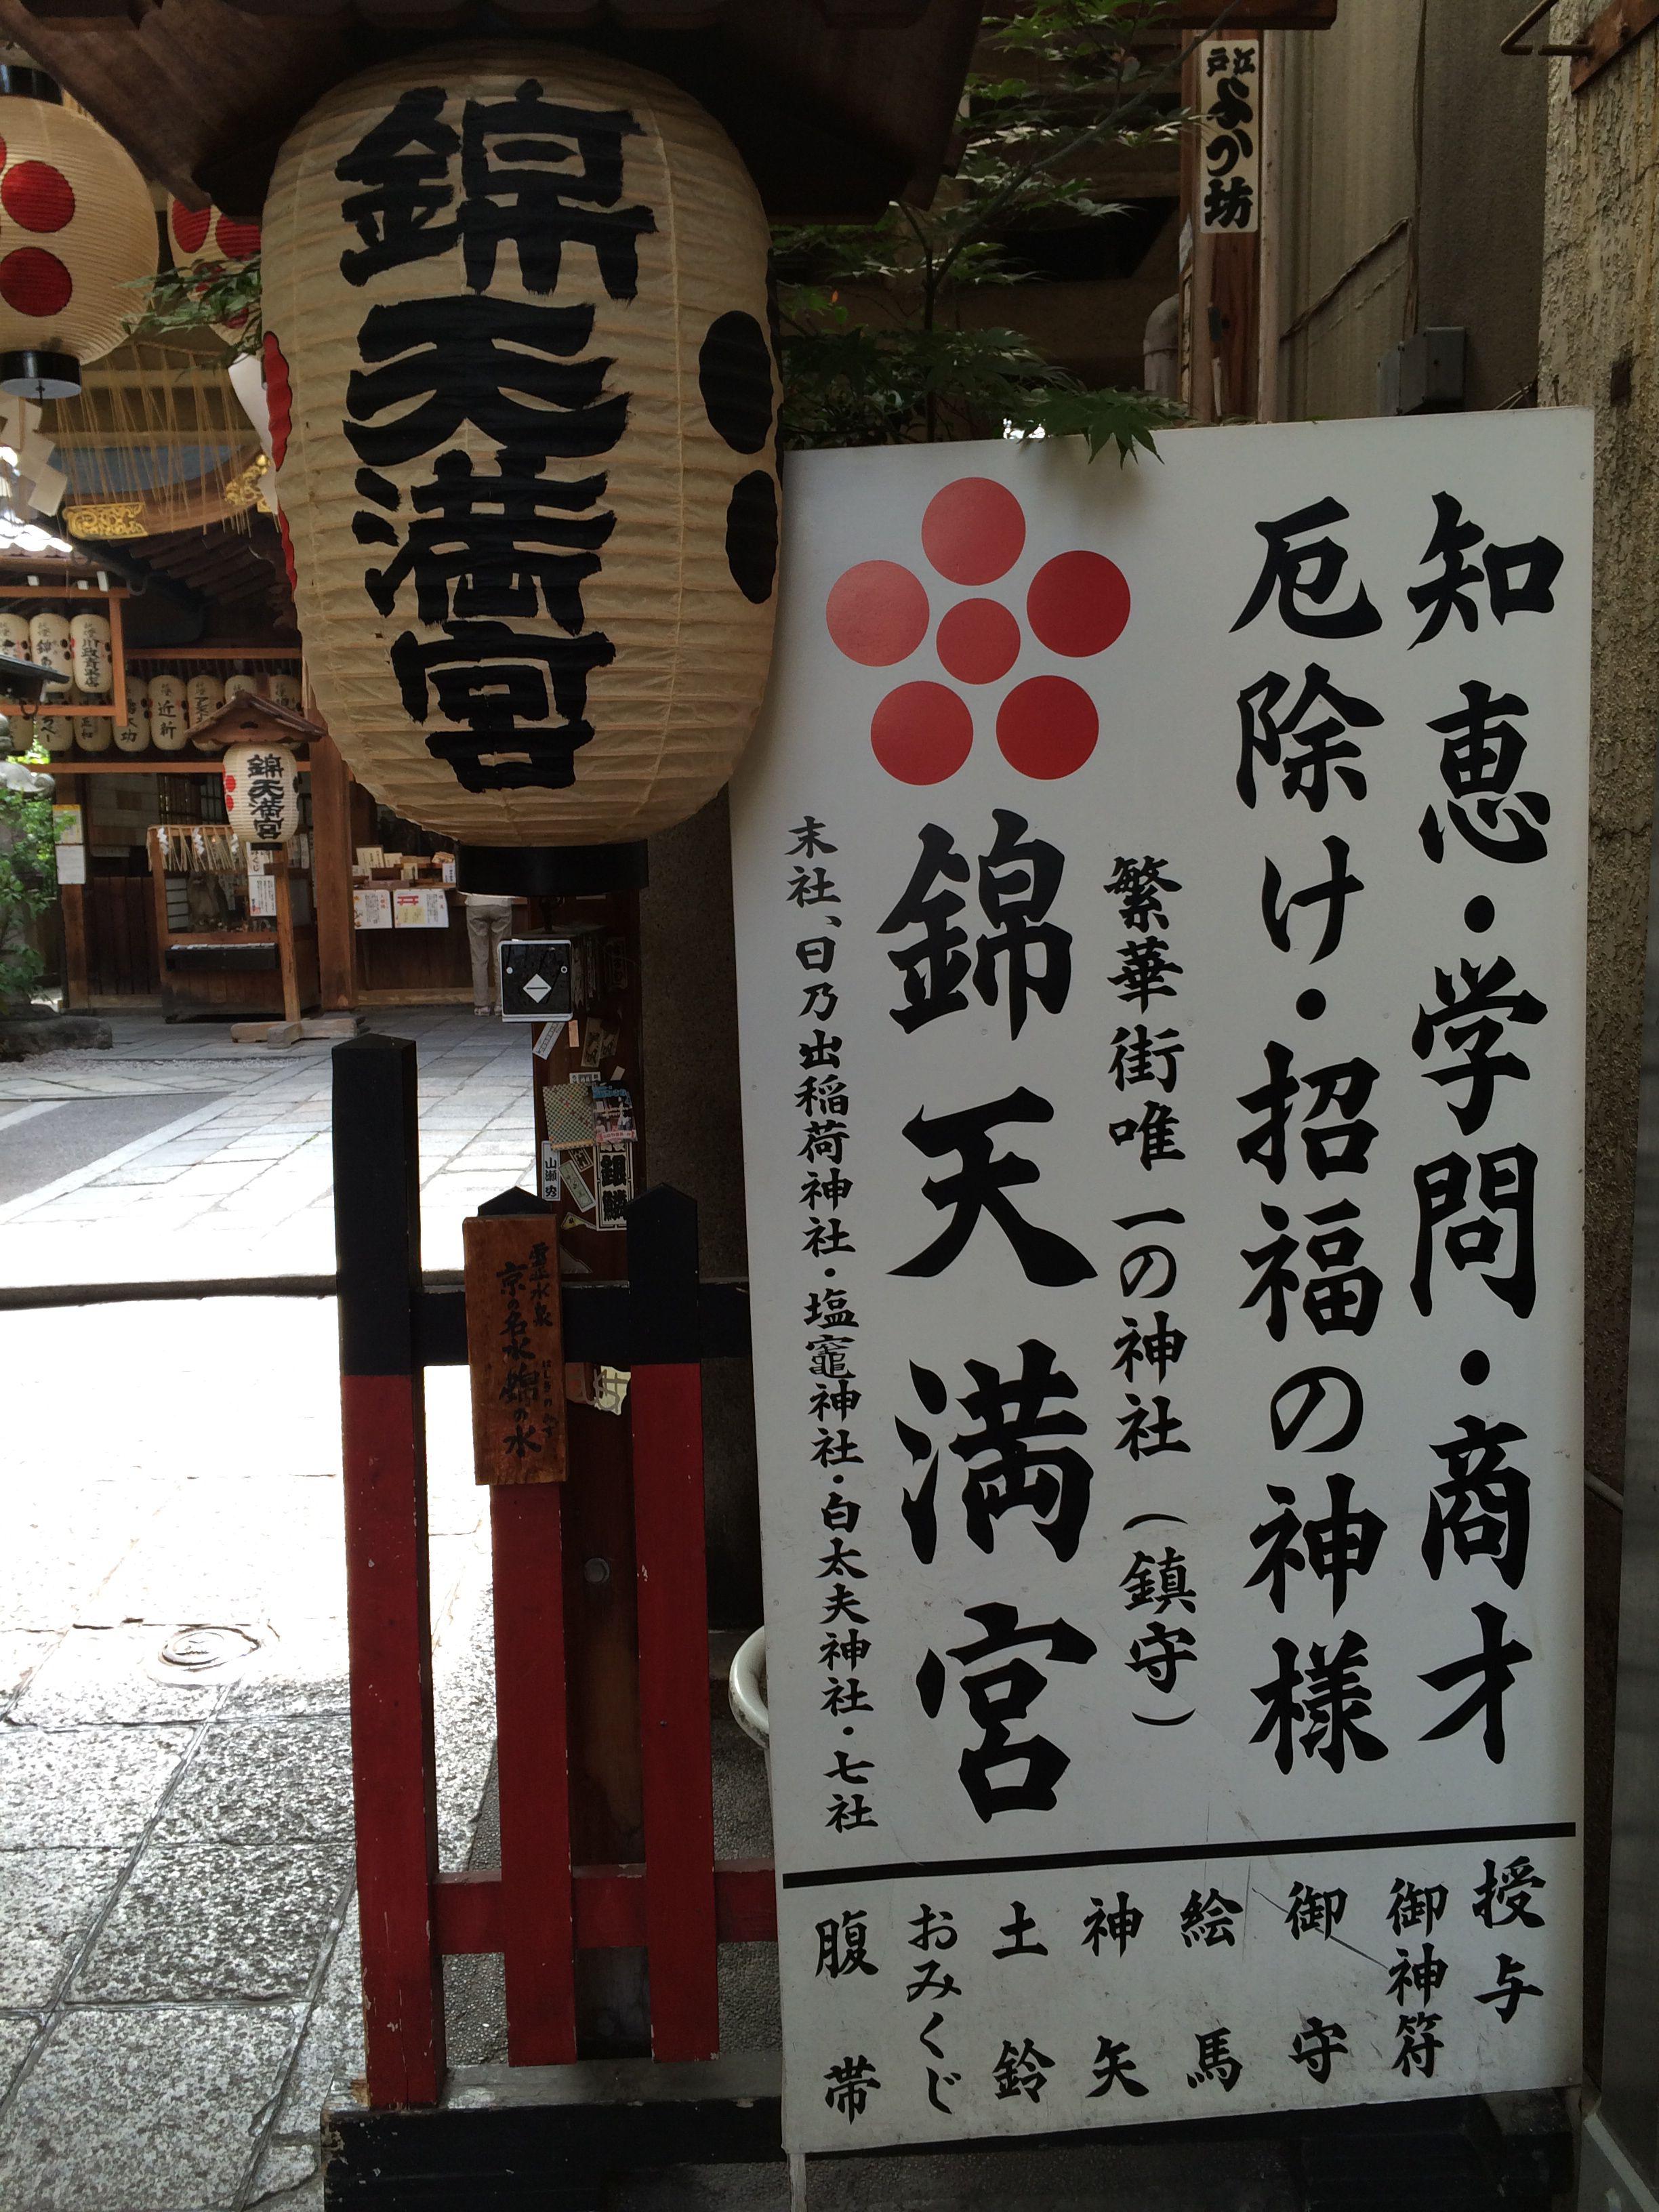 錦天満宮 京都市